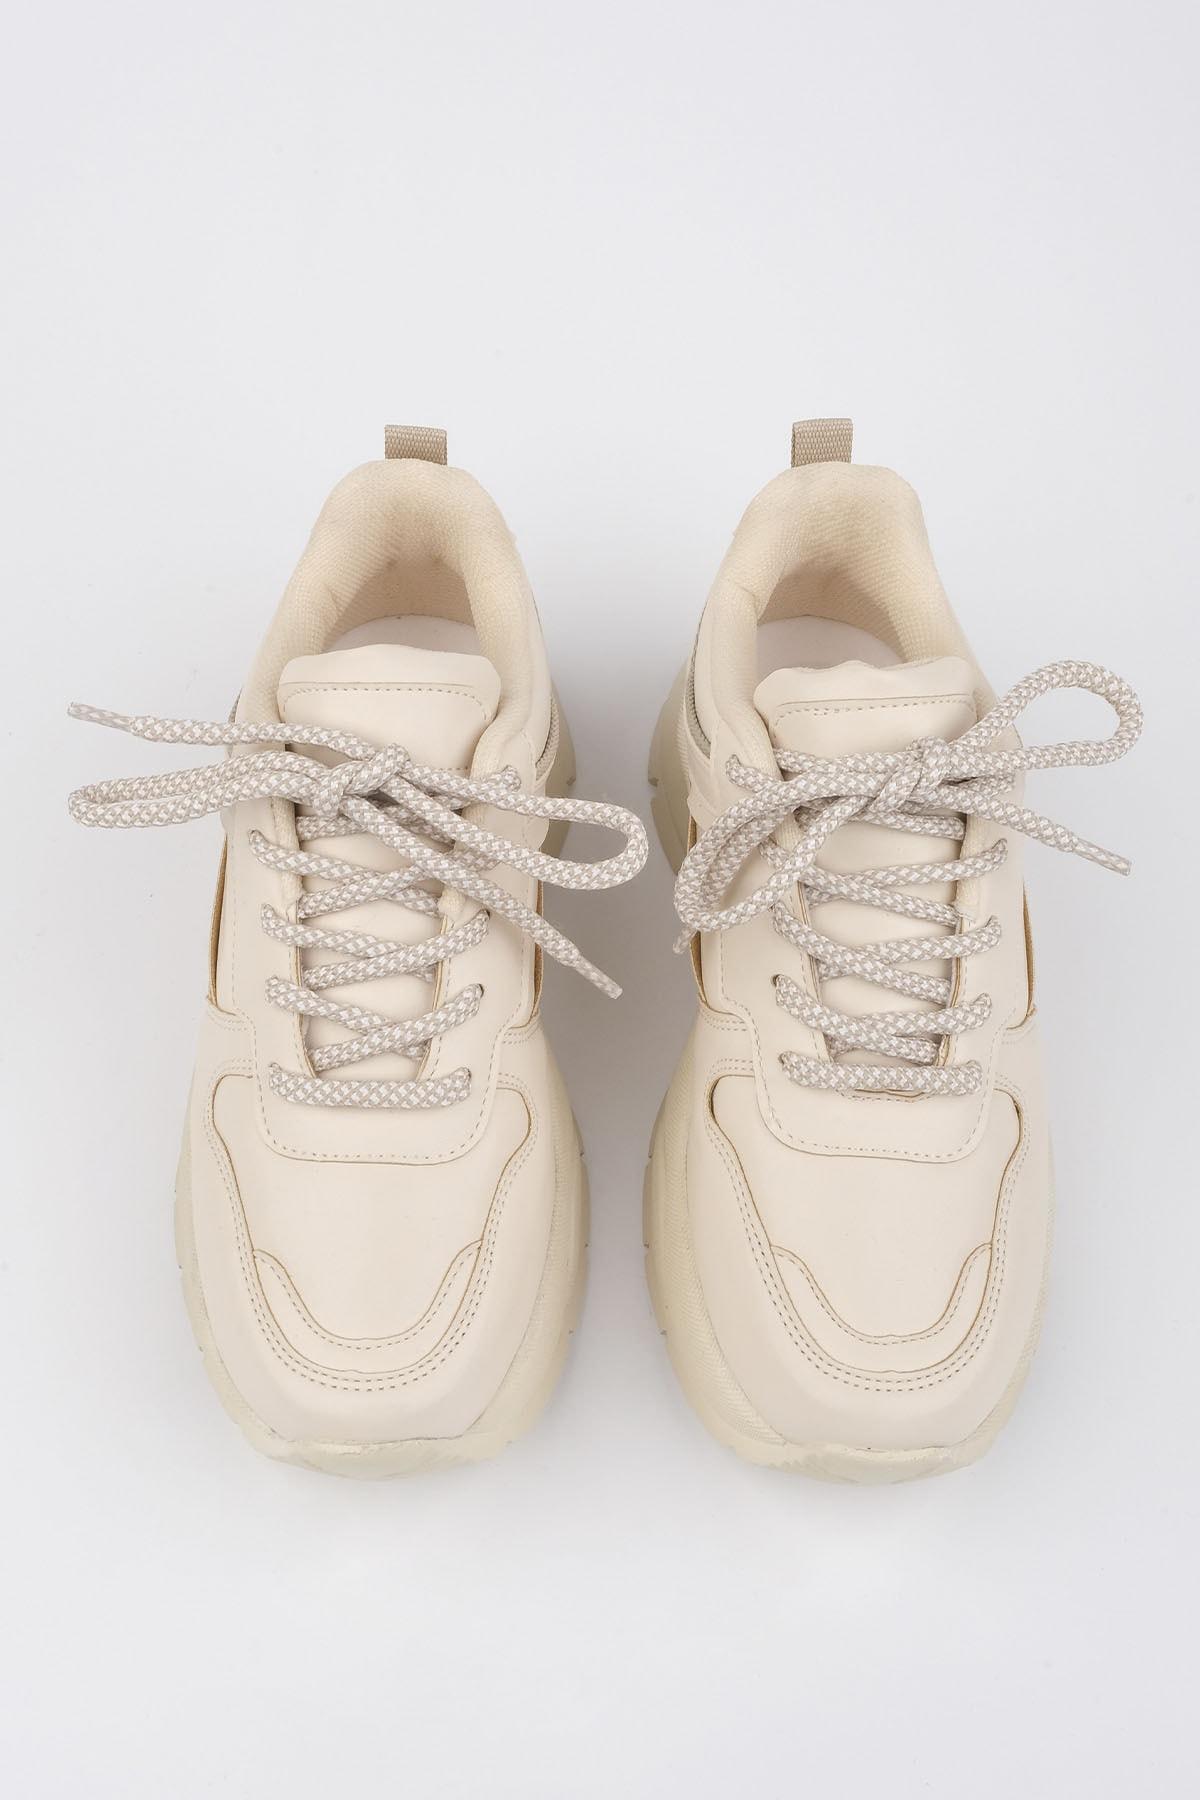 Marjin Kadın Bej Sneaker Dolgu Topuk Spor Ayakkabı Besri 4